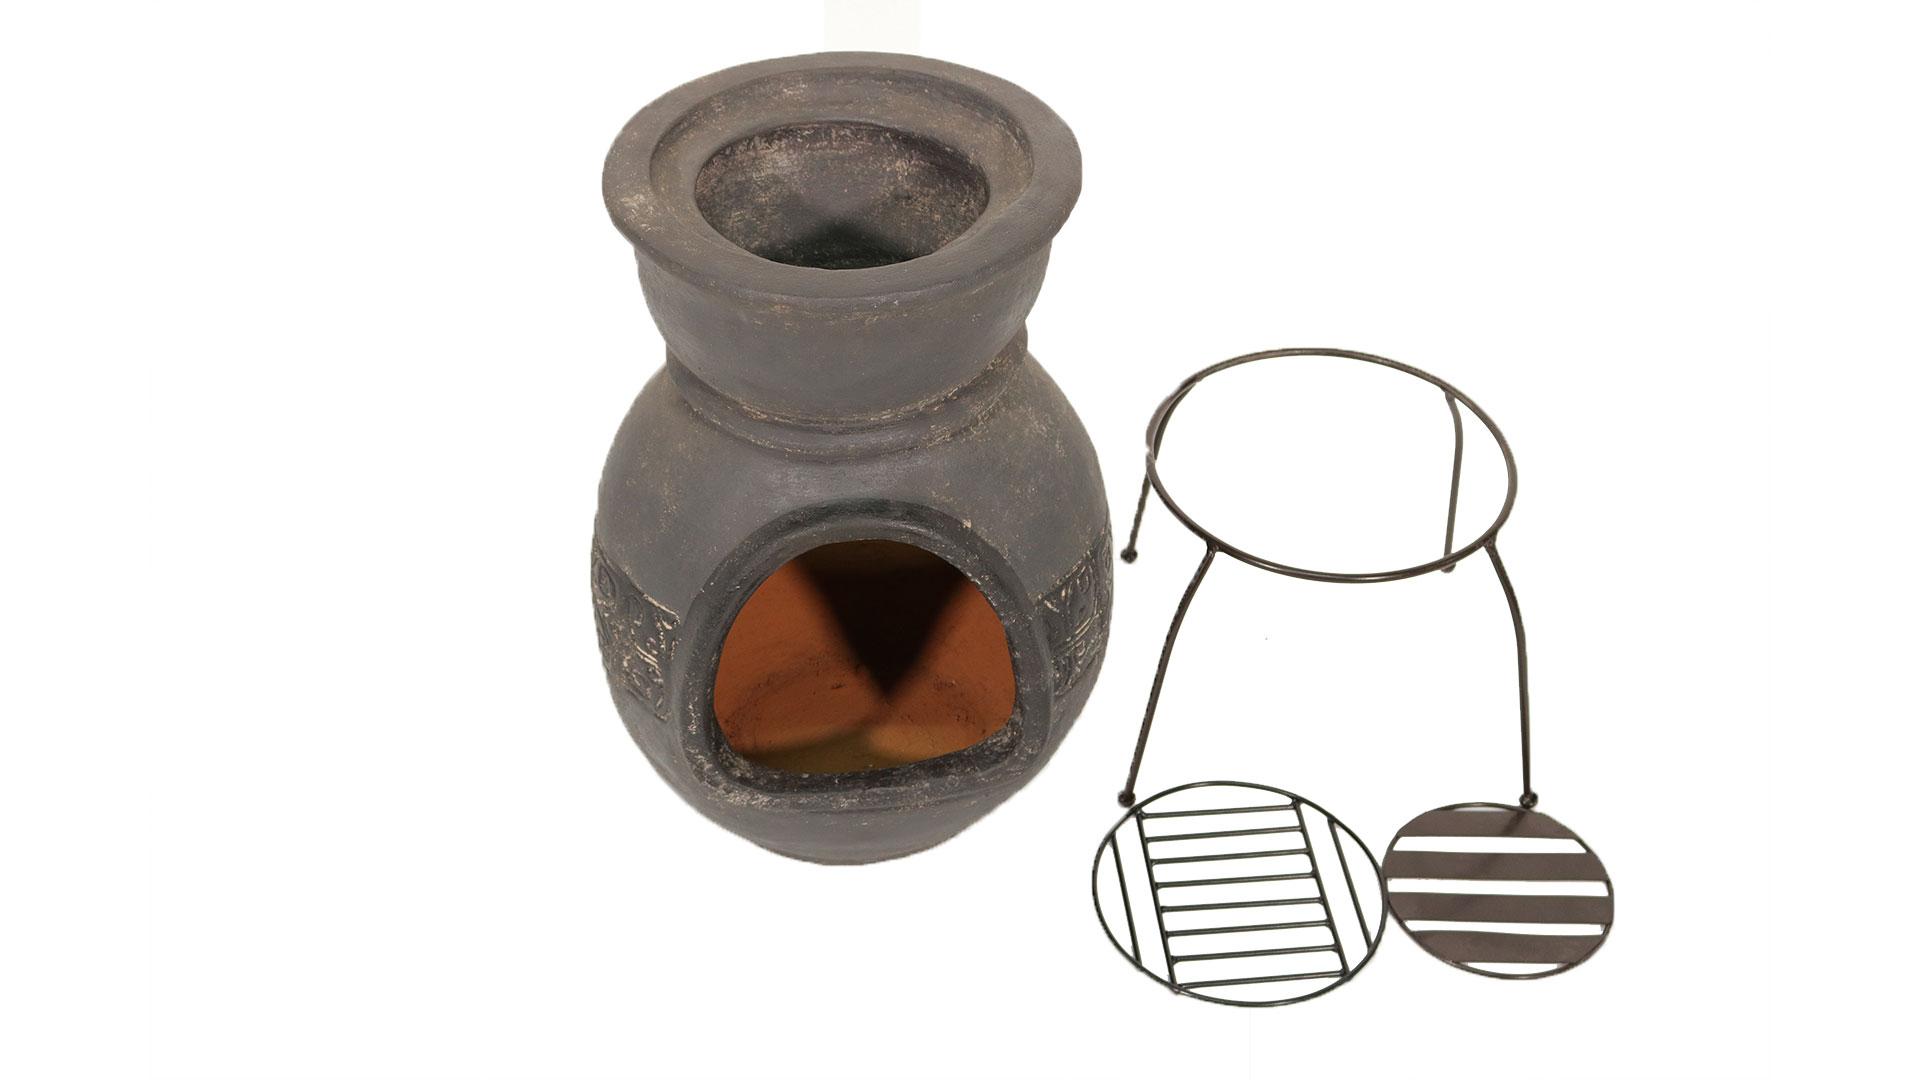 メキシコ製の暖炉型チムニーmch8880のセット内容